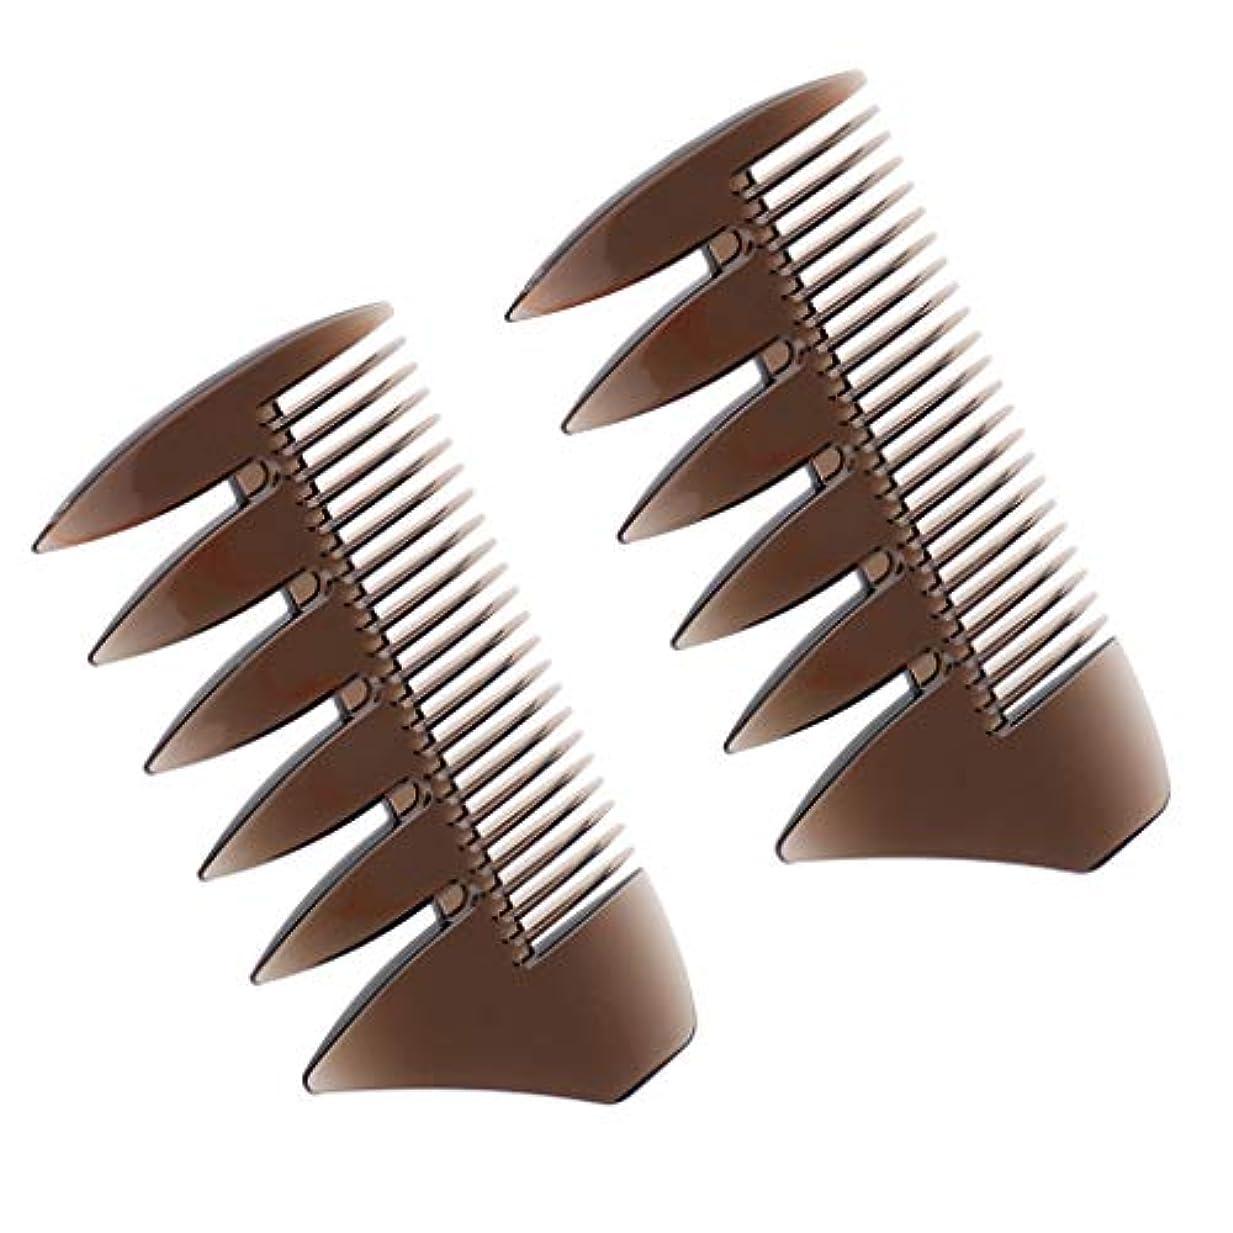 威する鋼合併症2個 ヘアコーム デュアルサイド ワイドと細かい歯 静電気防止櫛 ヘアブラシ